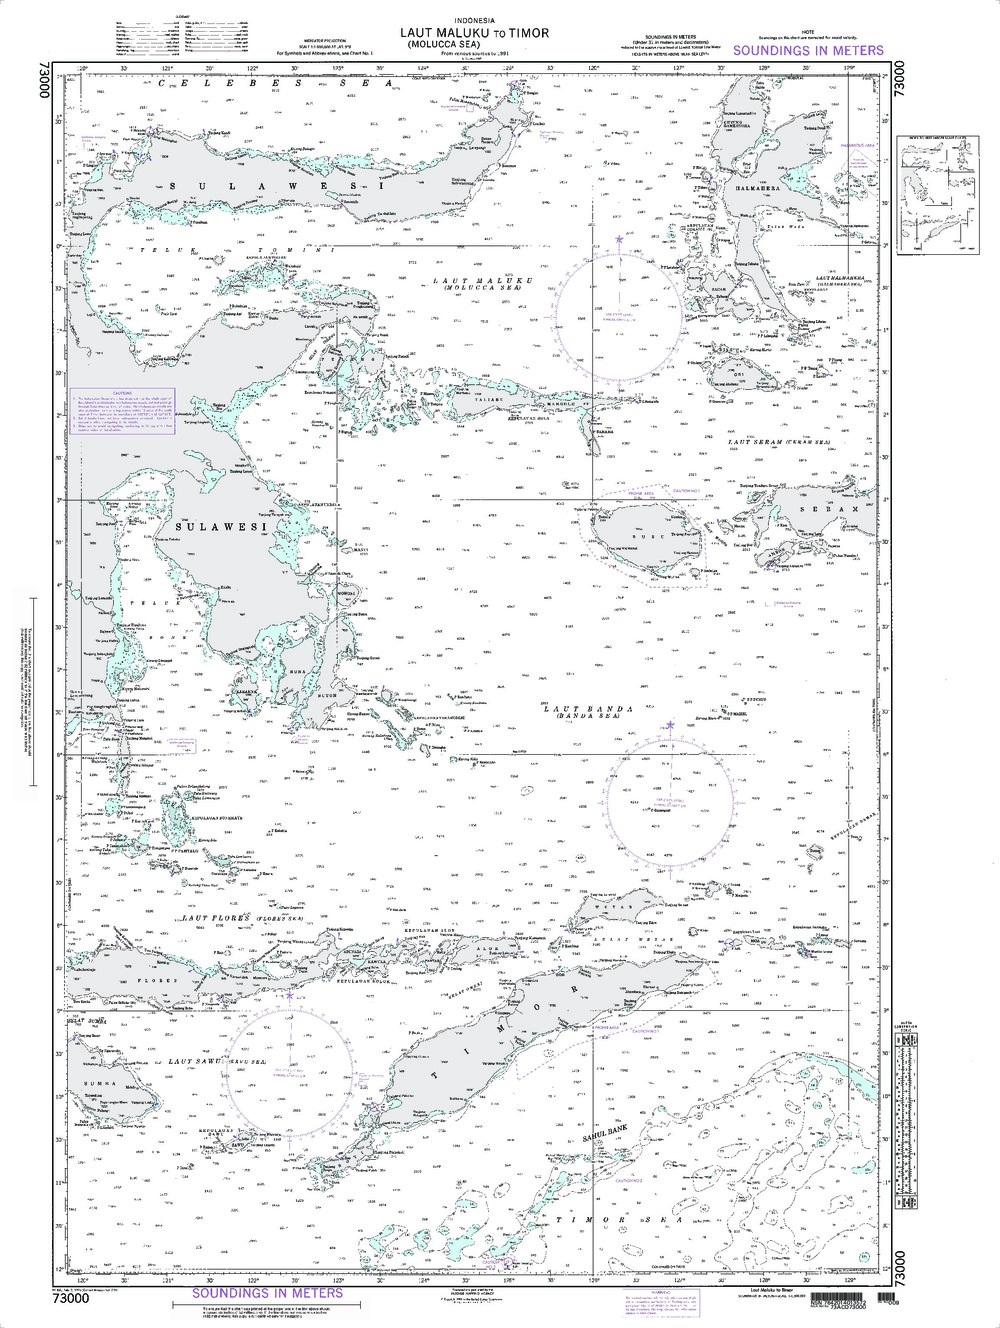 NGA Charts: Region 7 - South East Asia, Indonesia, New Guinea, Australia, NGA Chart 73000: Laut Maluku (Molucca Sea) to Timor